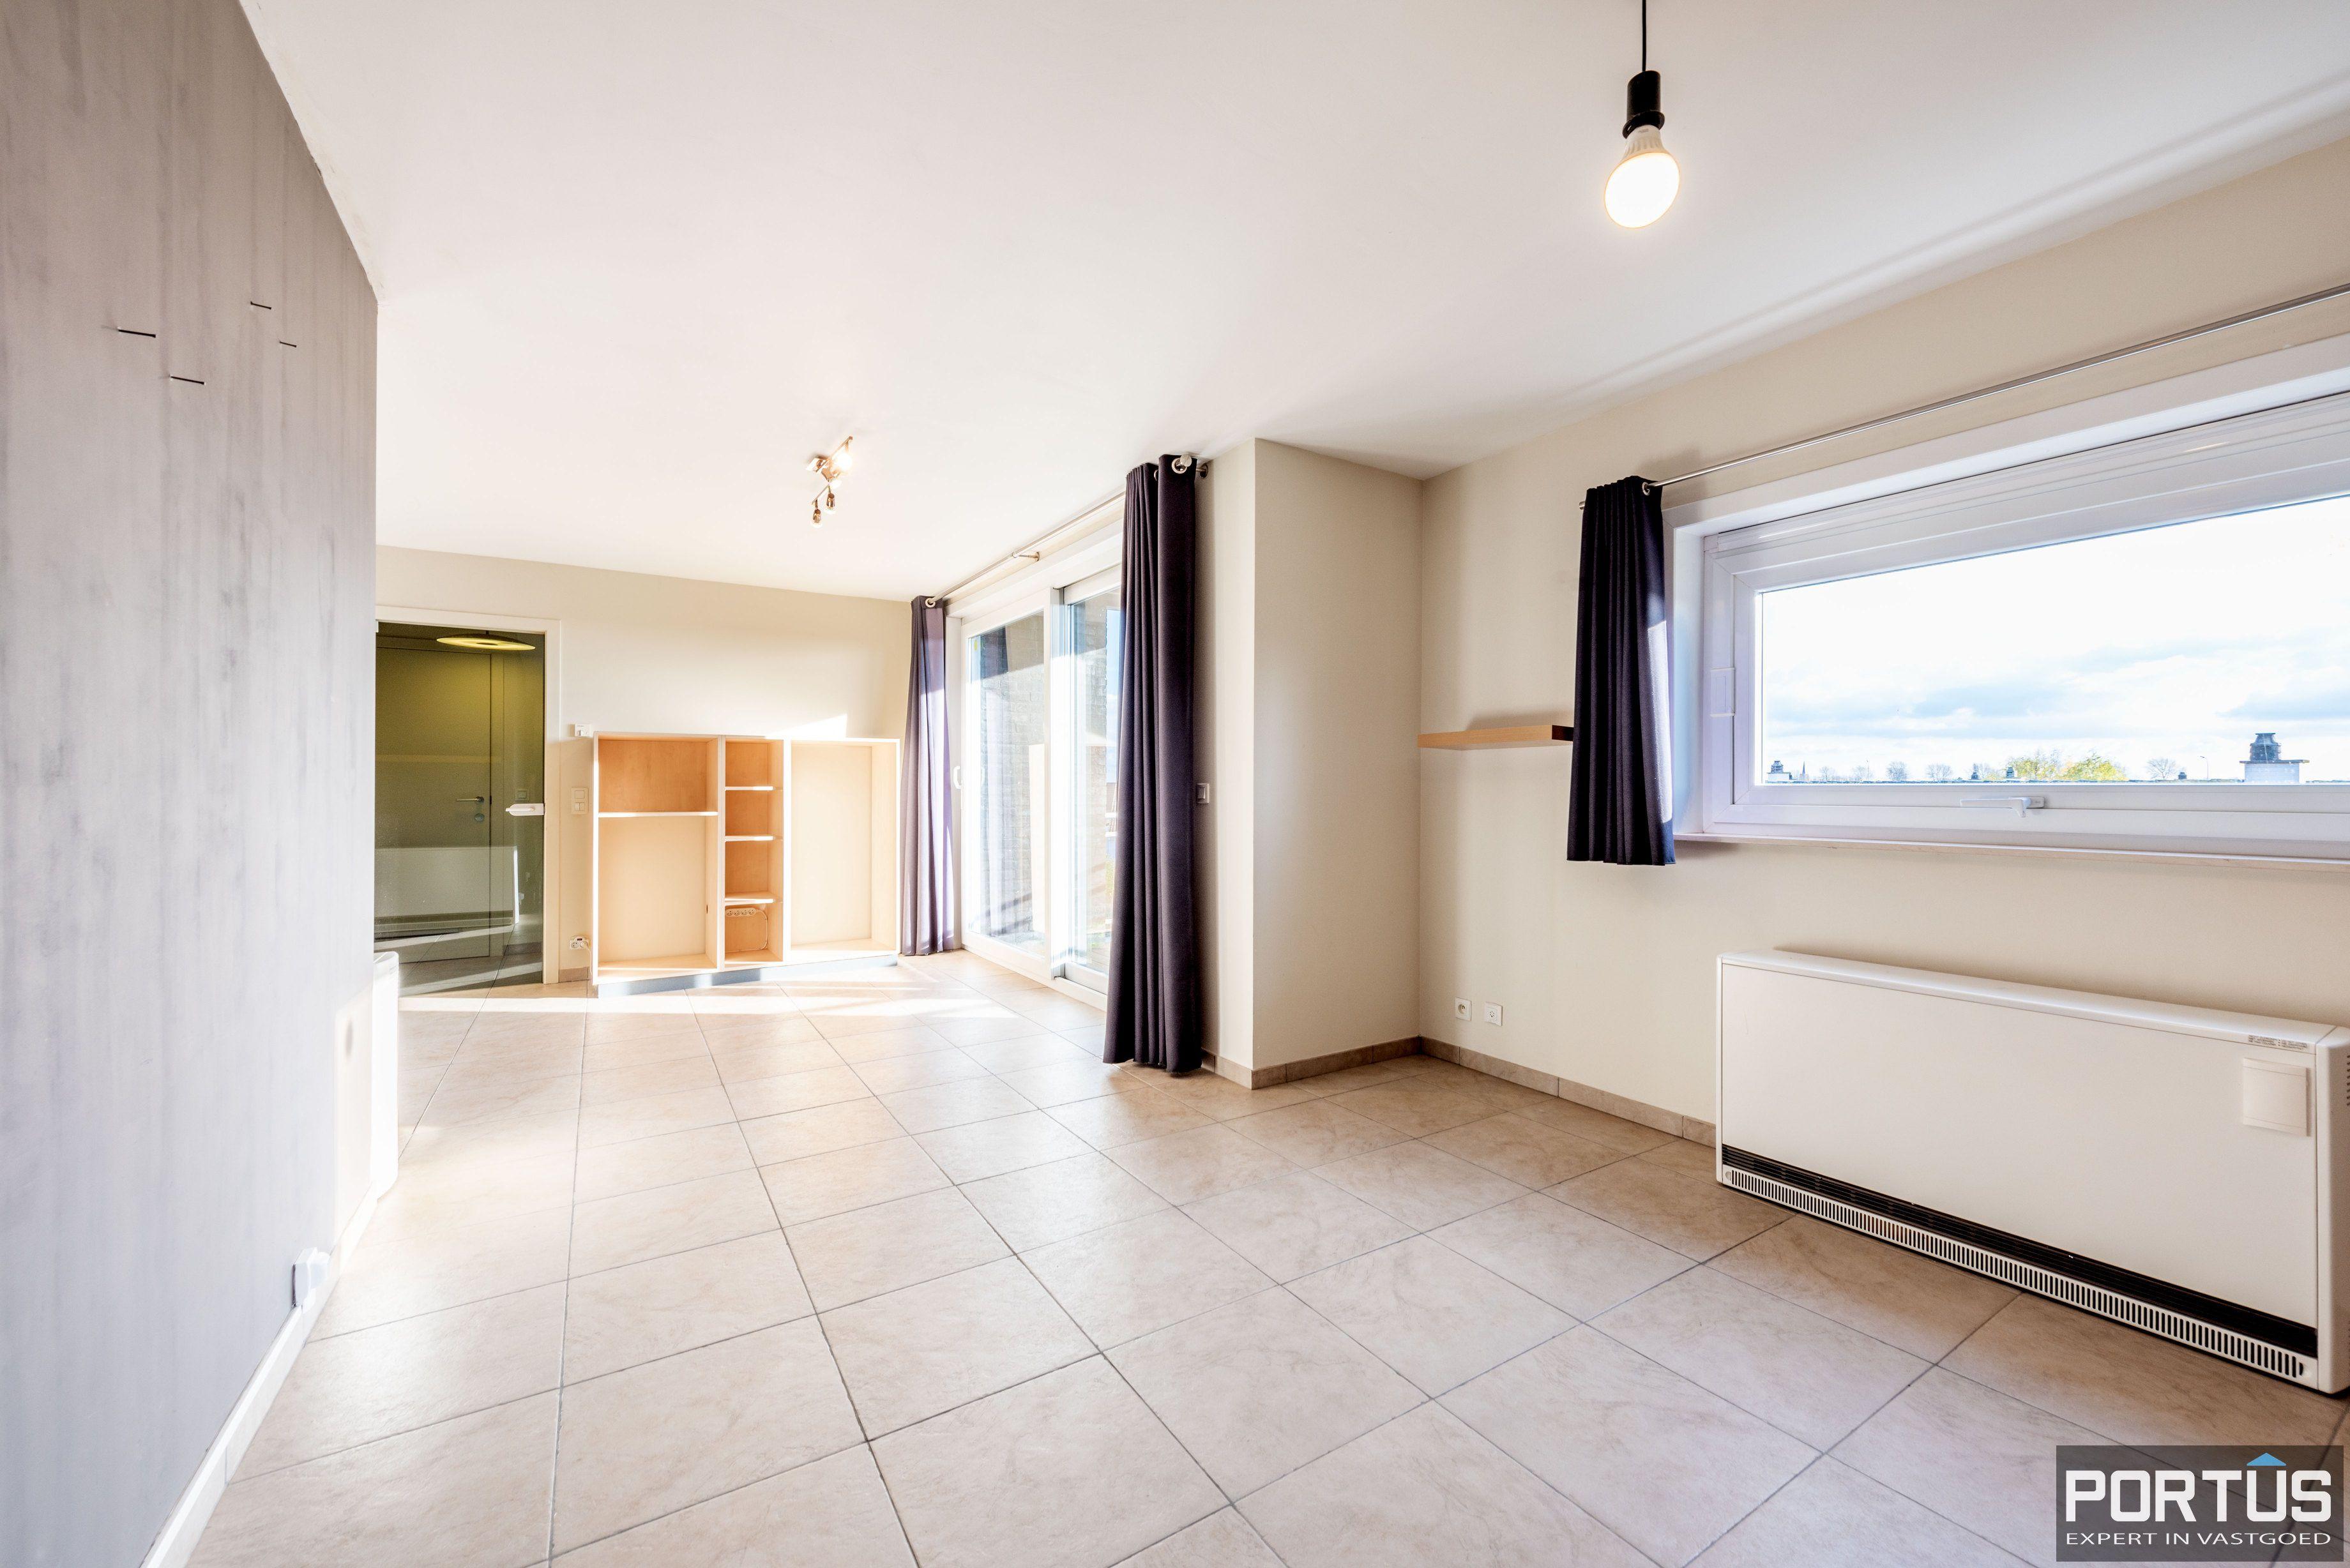 Instapklaar zongericht appartement te koop te Nieuwpoort - 9047